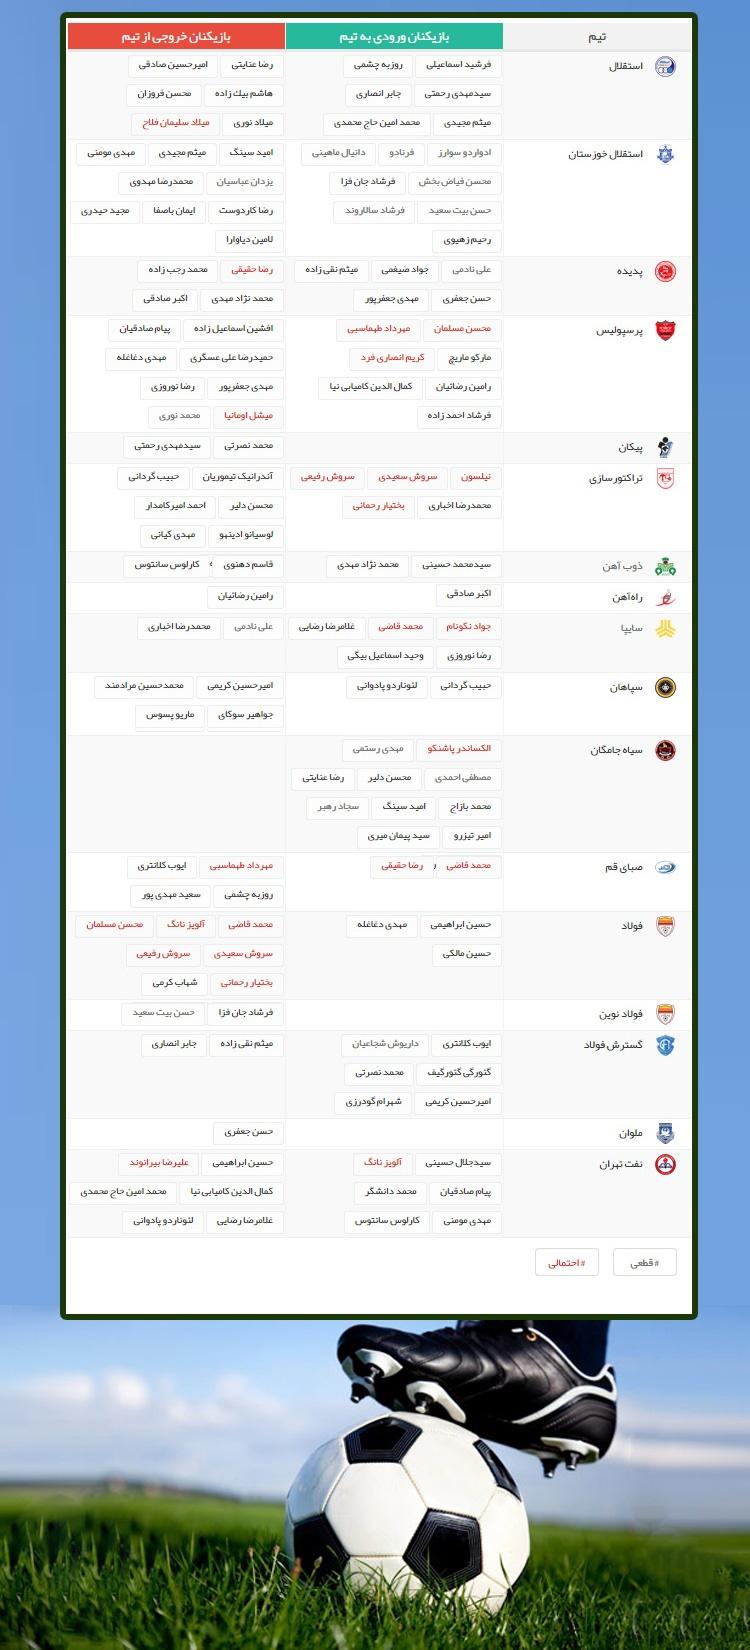 جدول نقل و انتقالات لیگ برتر